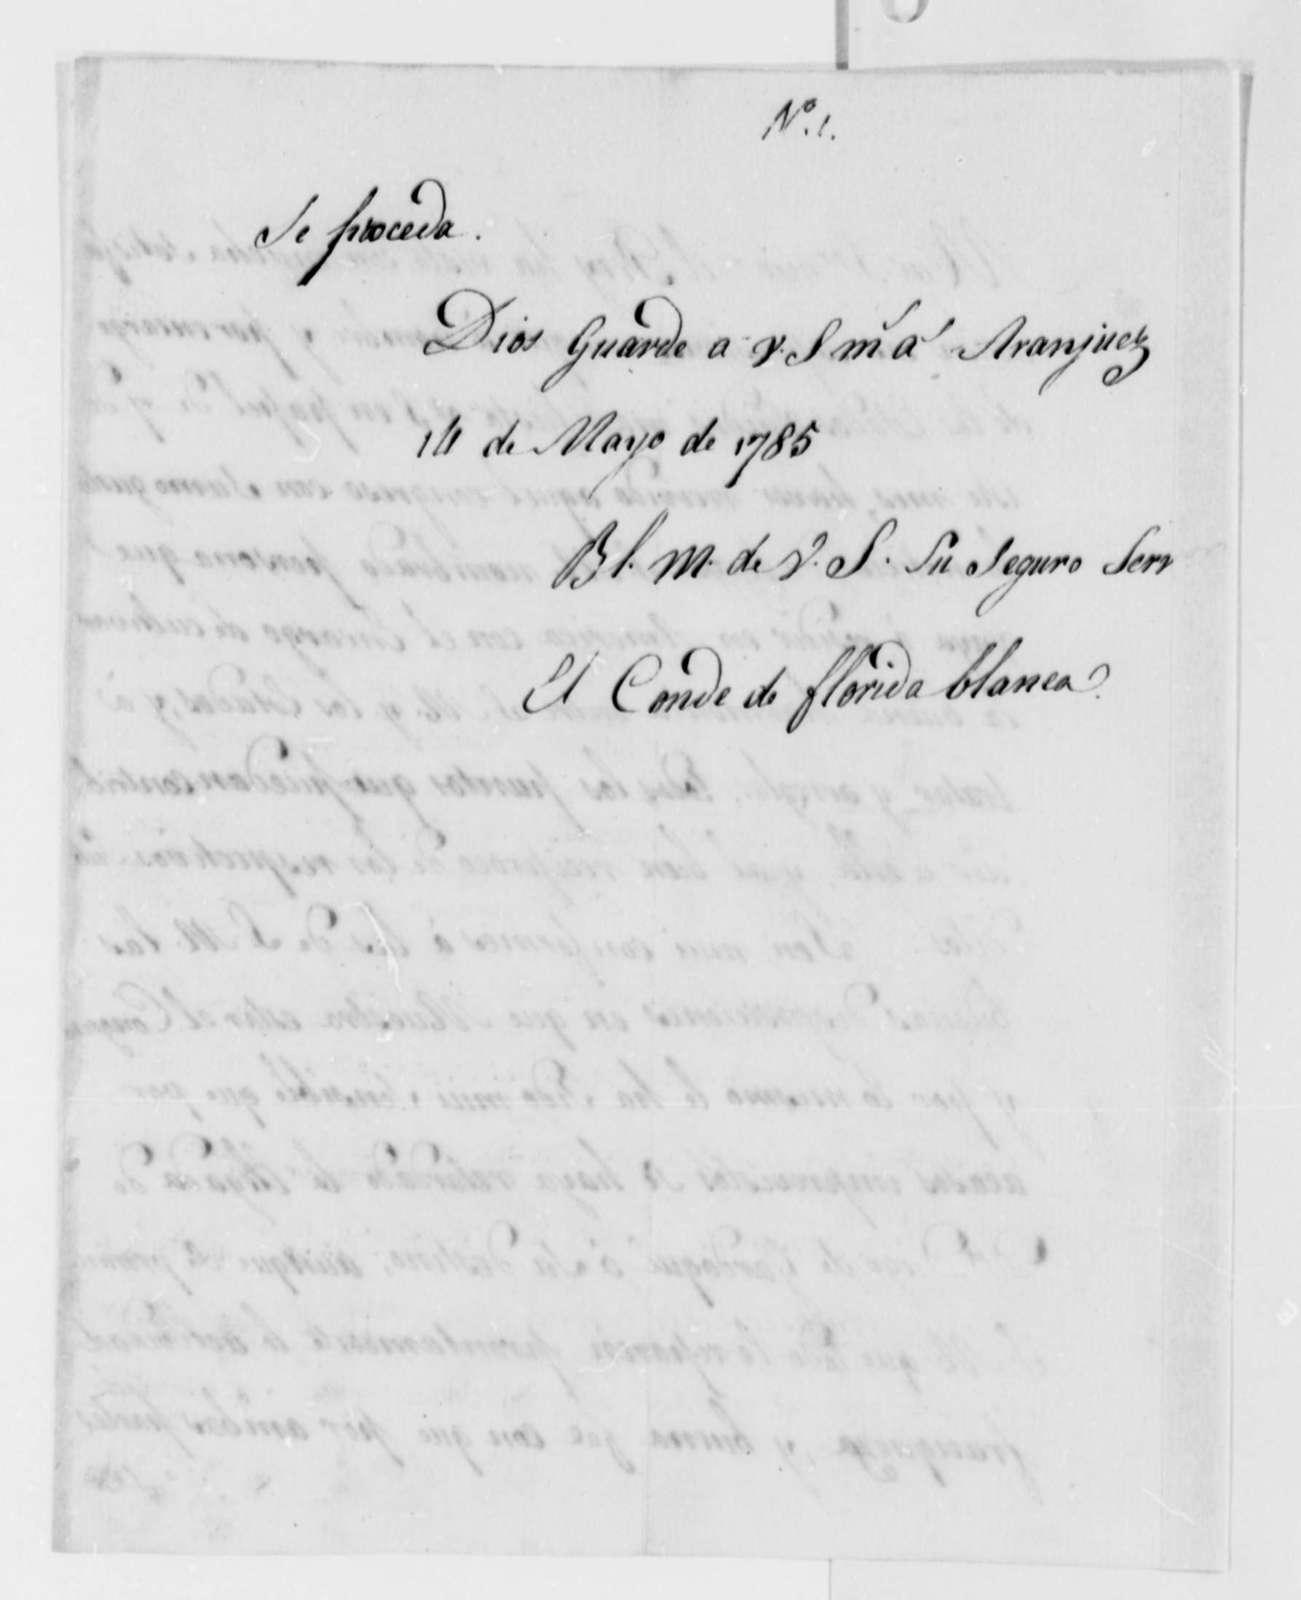 Jose Monino, Conde de Floridablanca to William Carmichael, May 14, 1785, in Spanish